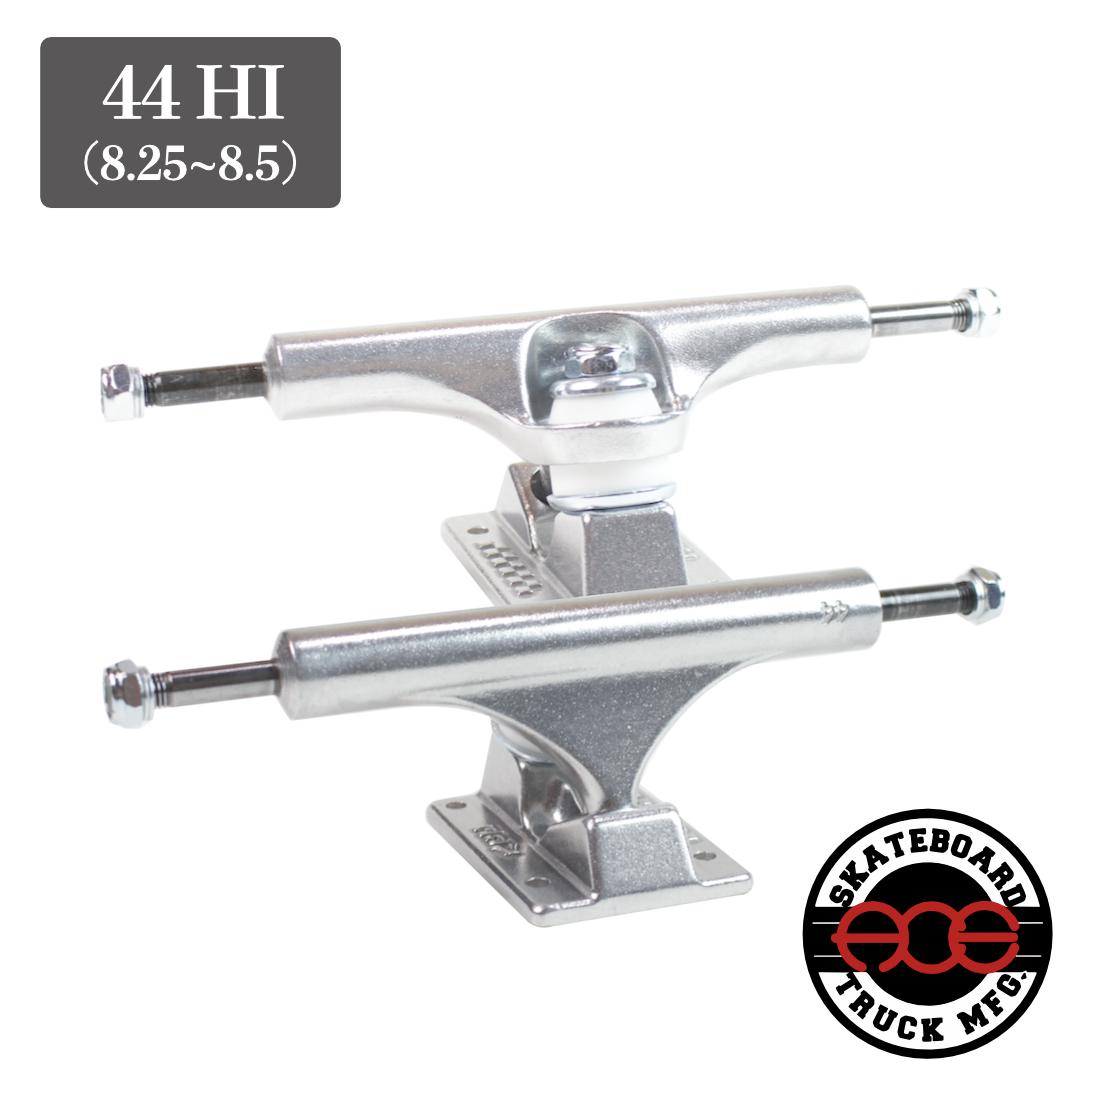 【Ace Truck】 Standard - 44 (149)